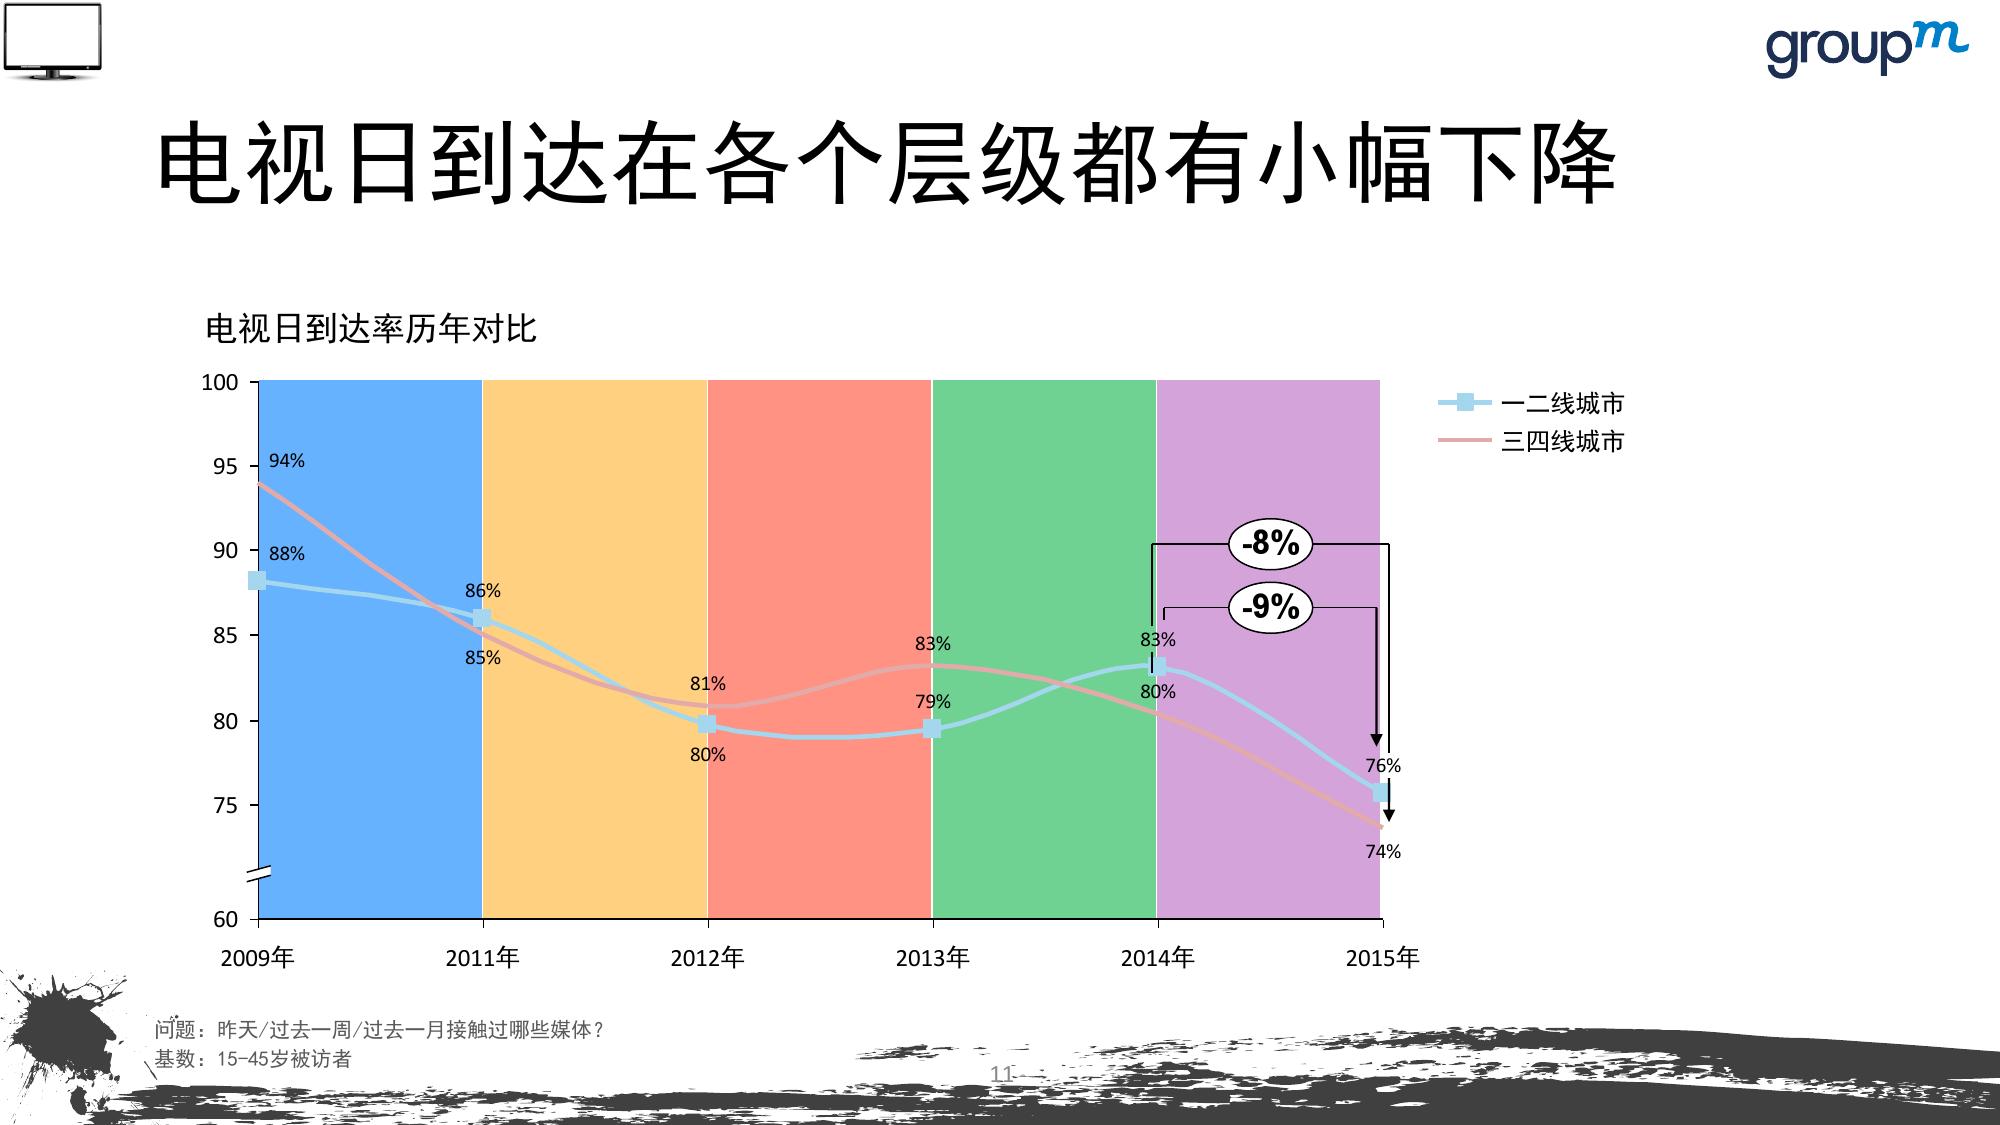 山海今2015中国媒介趋势报告_000011